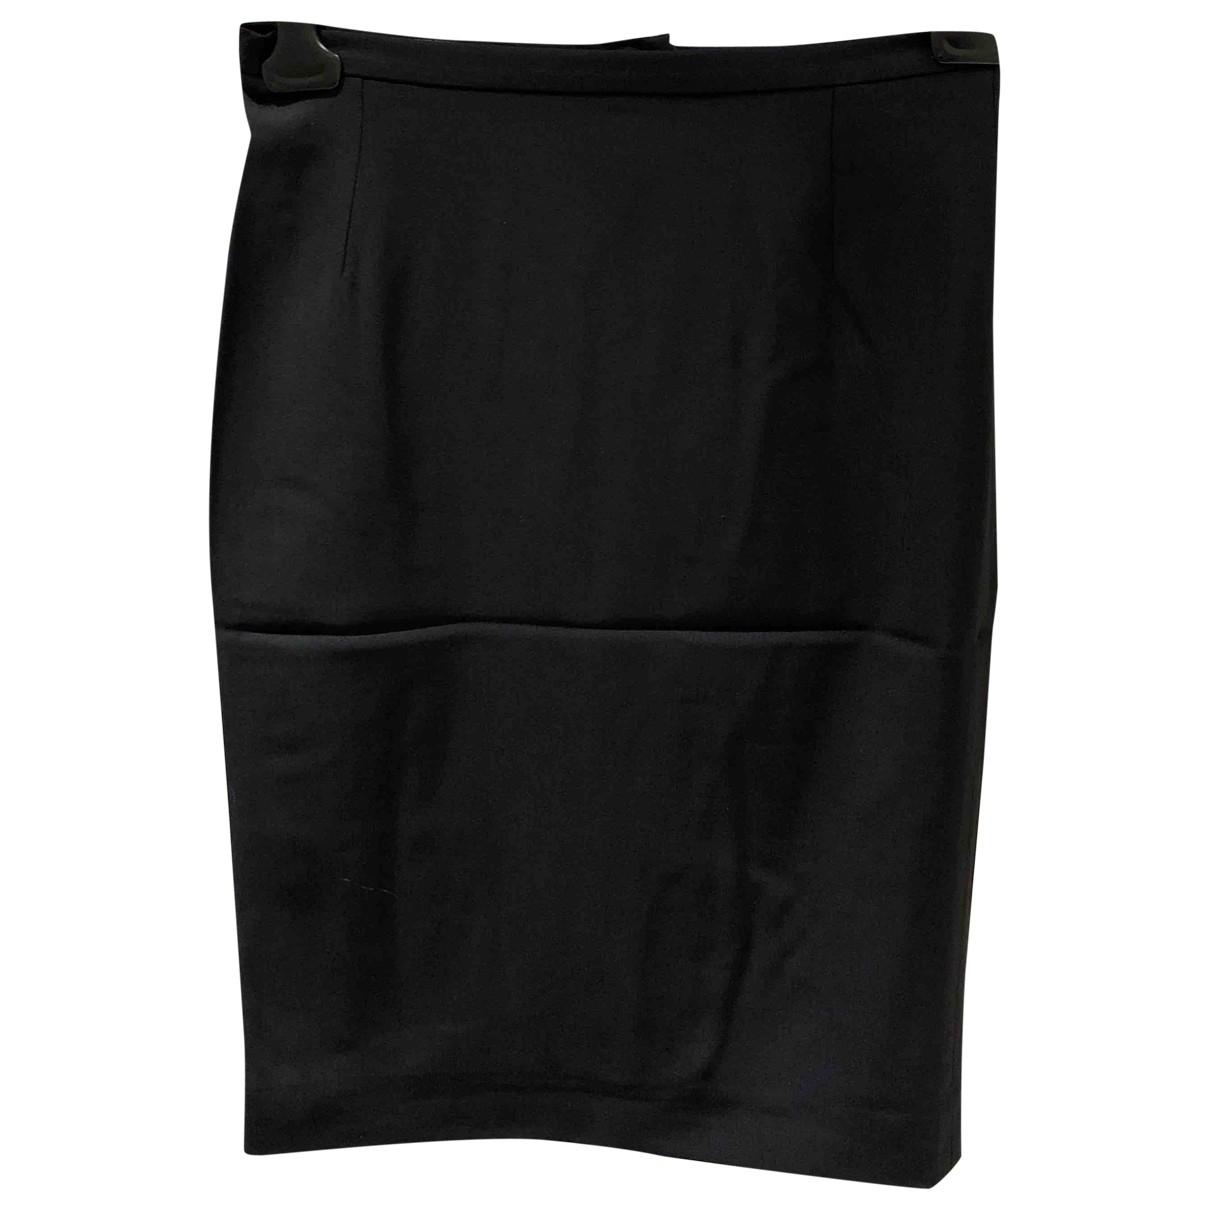 Dolce & Gabbana \N Black skirt for Women 40 IT